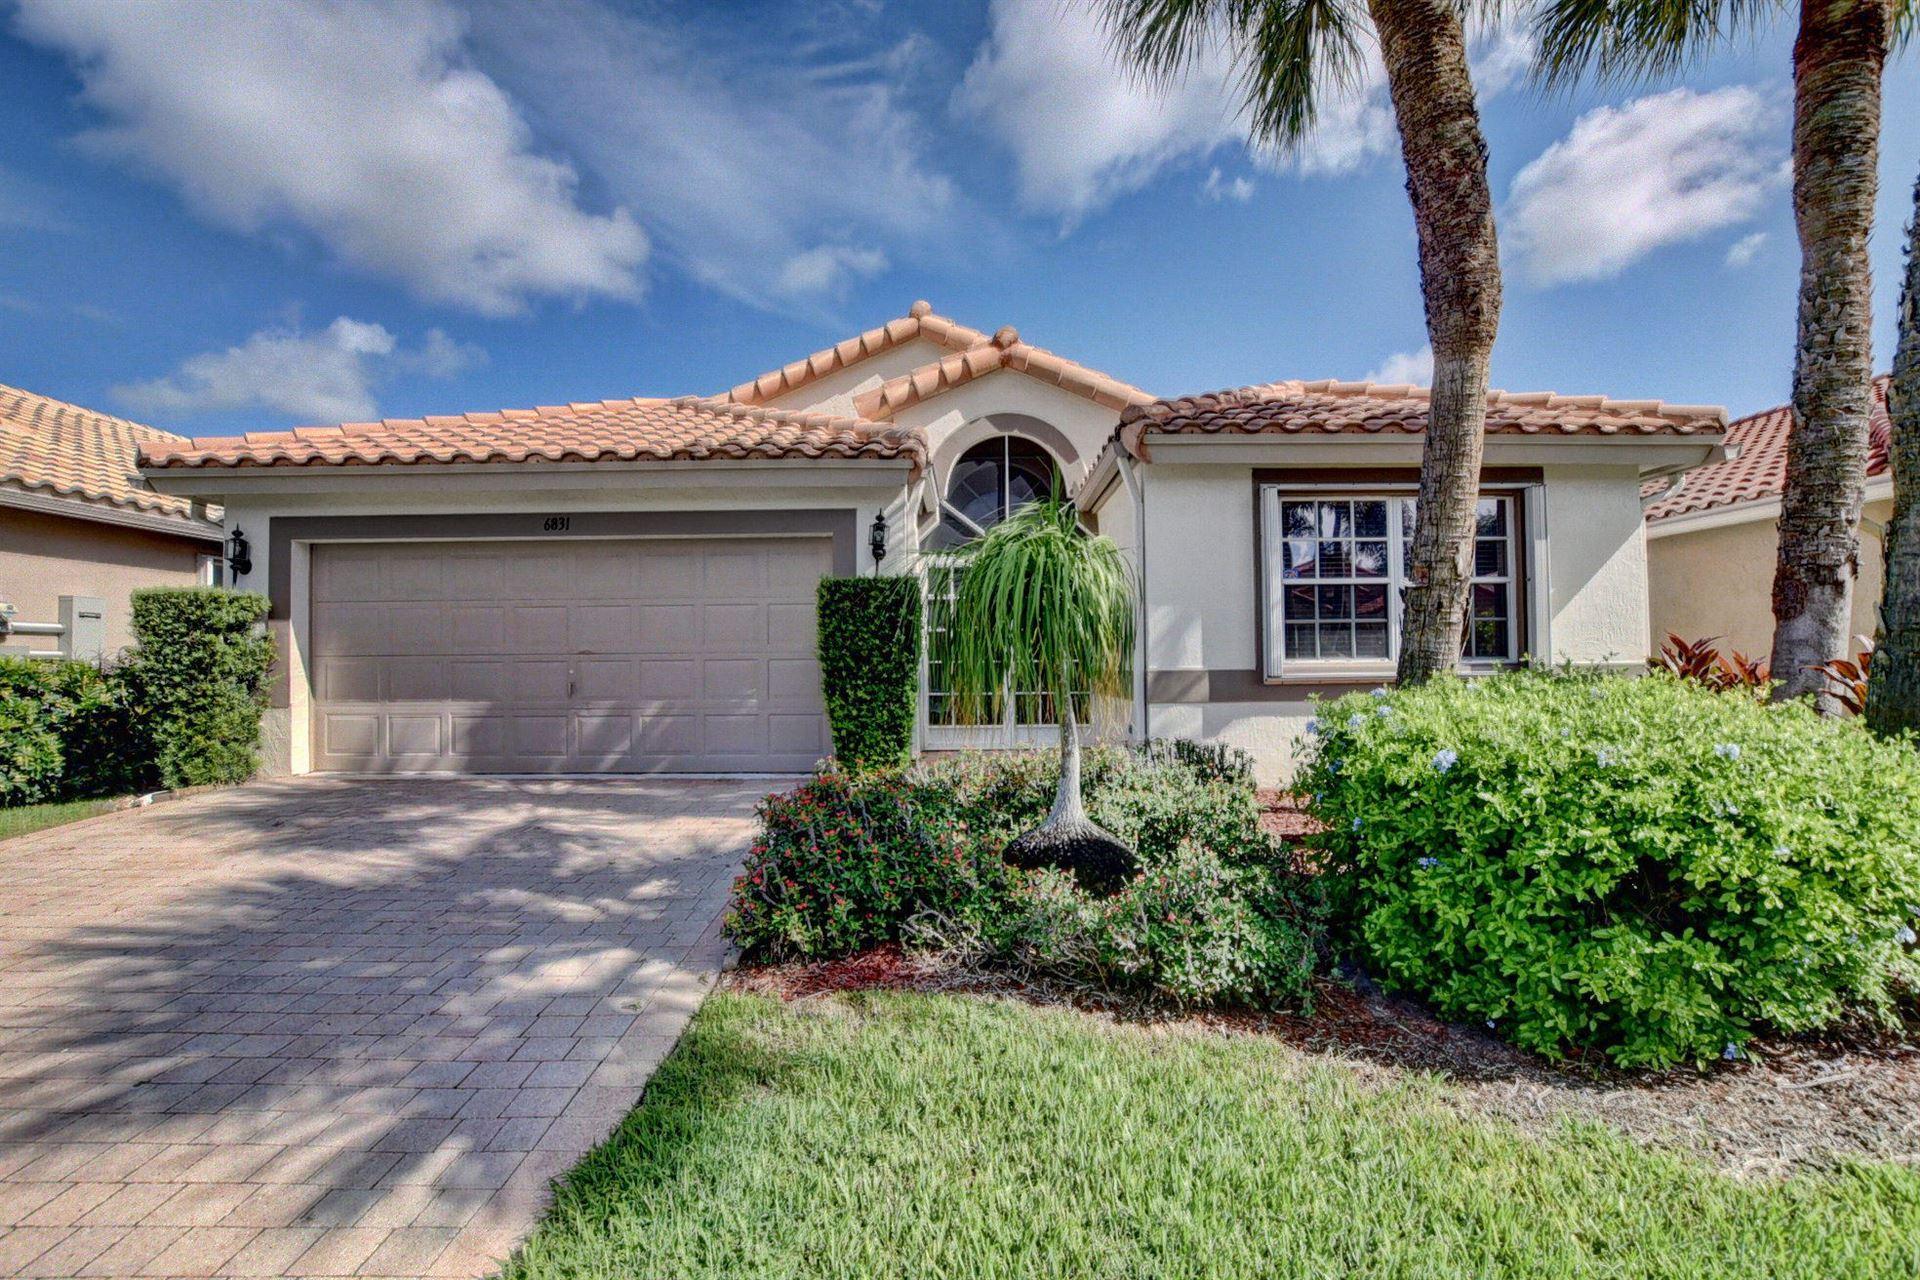 6831 Lismore Avenue, Boynton Beach, FL 33437 - #: RX-10653713